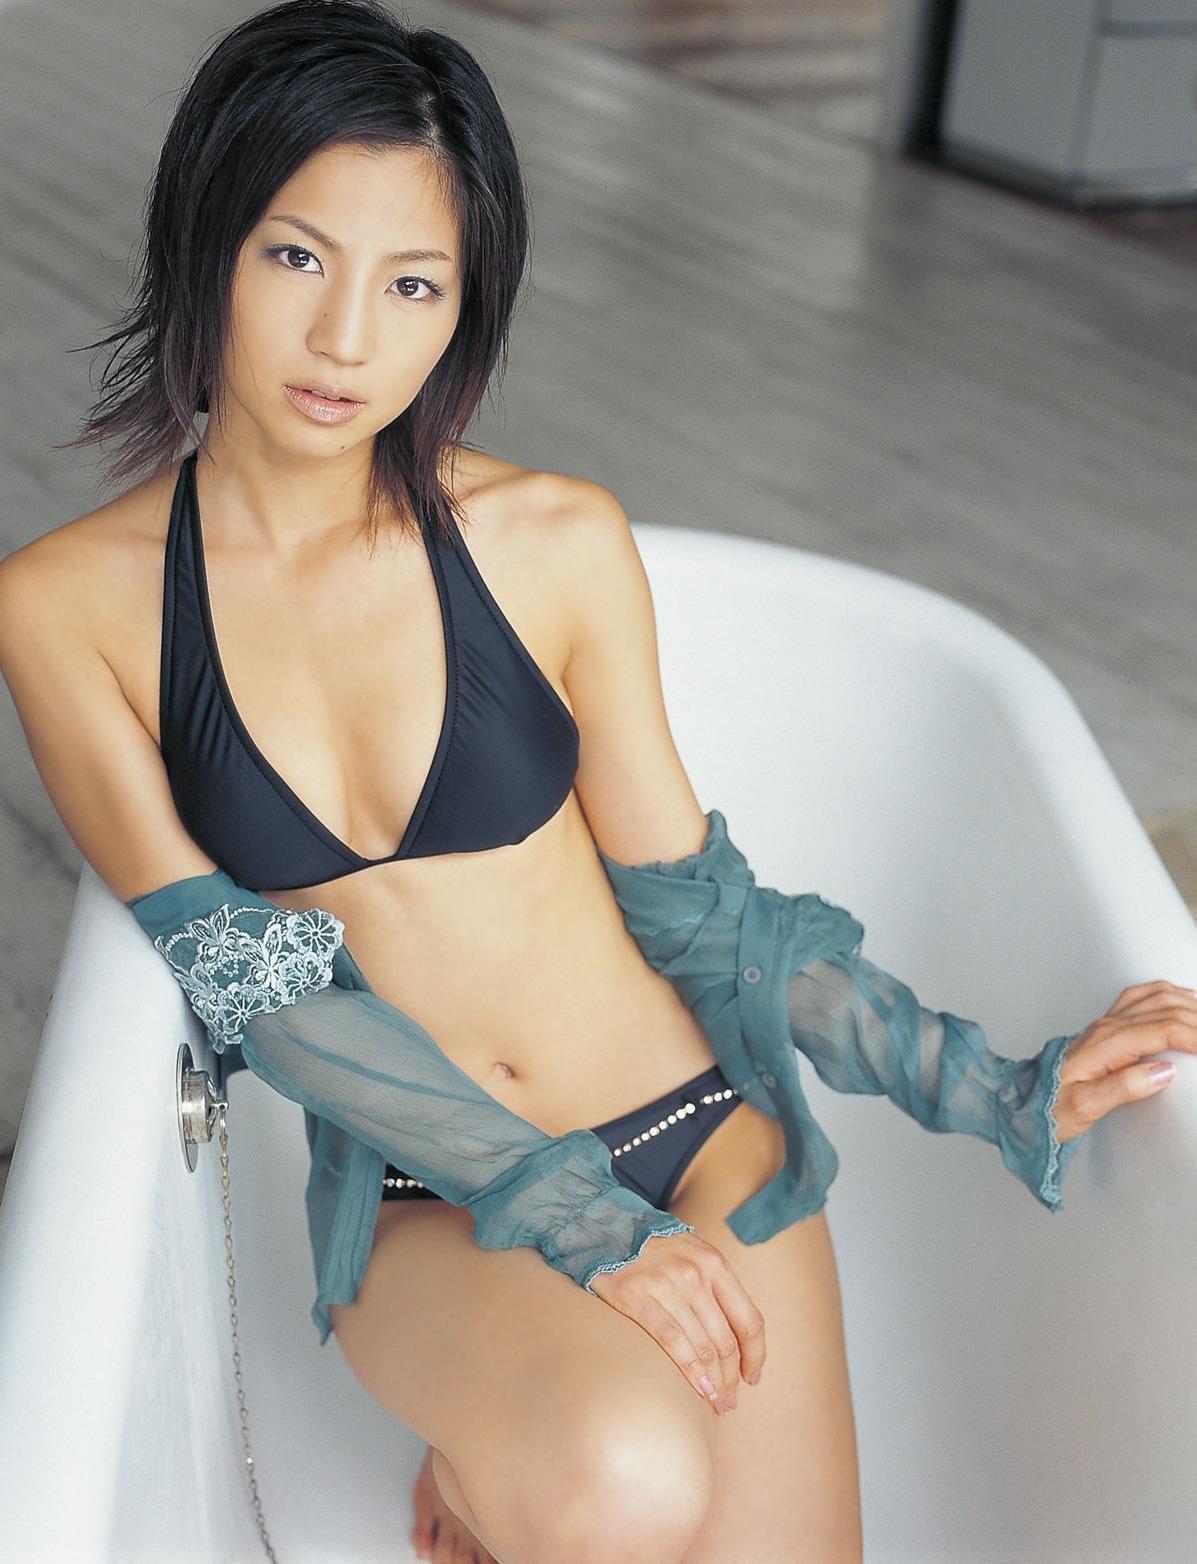 安田美沙子 画像 68